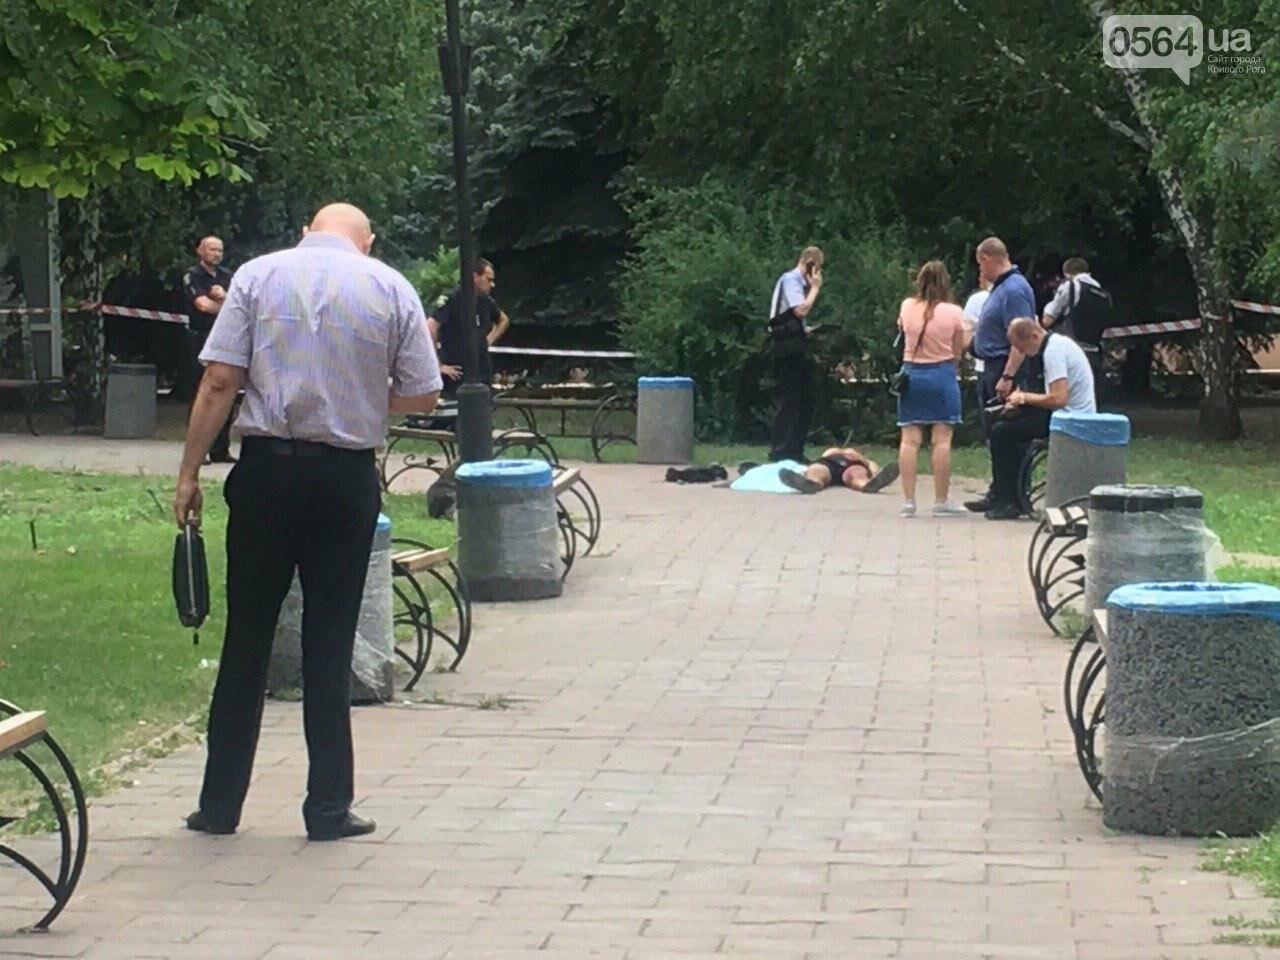 Возле мэрии Кривого Рога найдено тело мужчины с ножевыми ранениями. Рядом с убитым находится его собака, - ФОТО, ВИДЕО 18+, фото-10